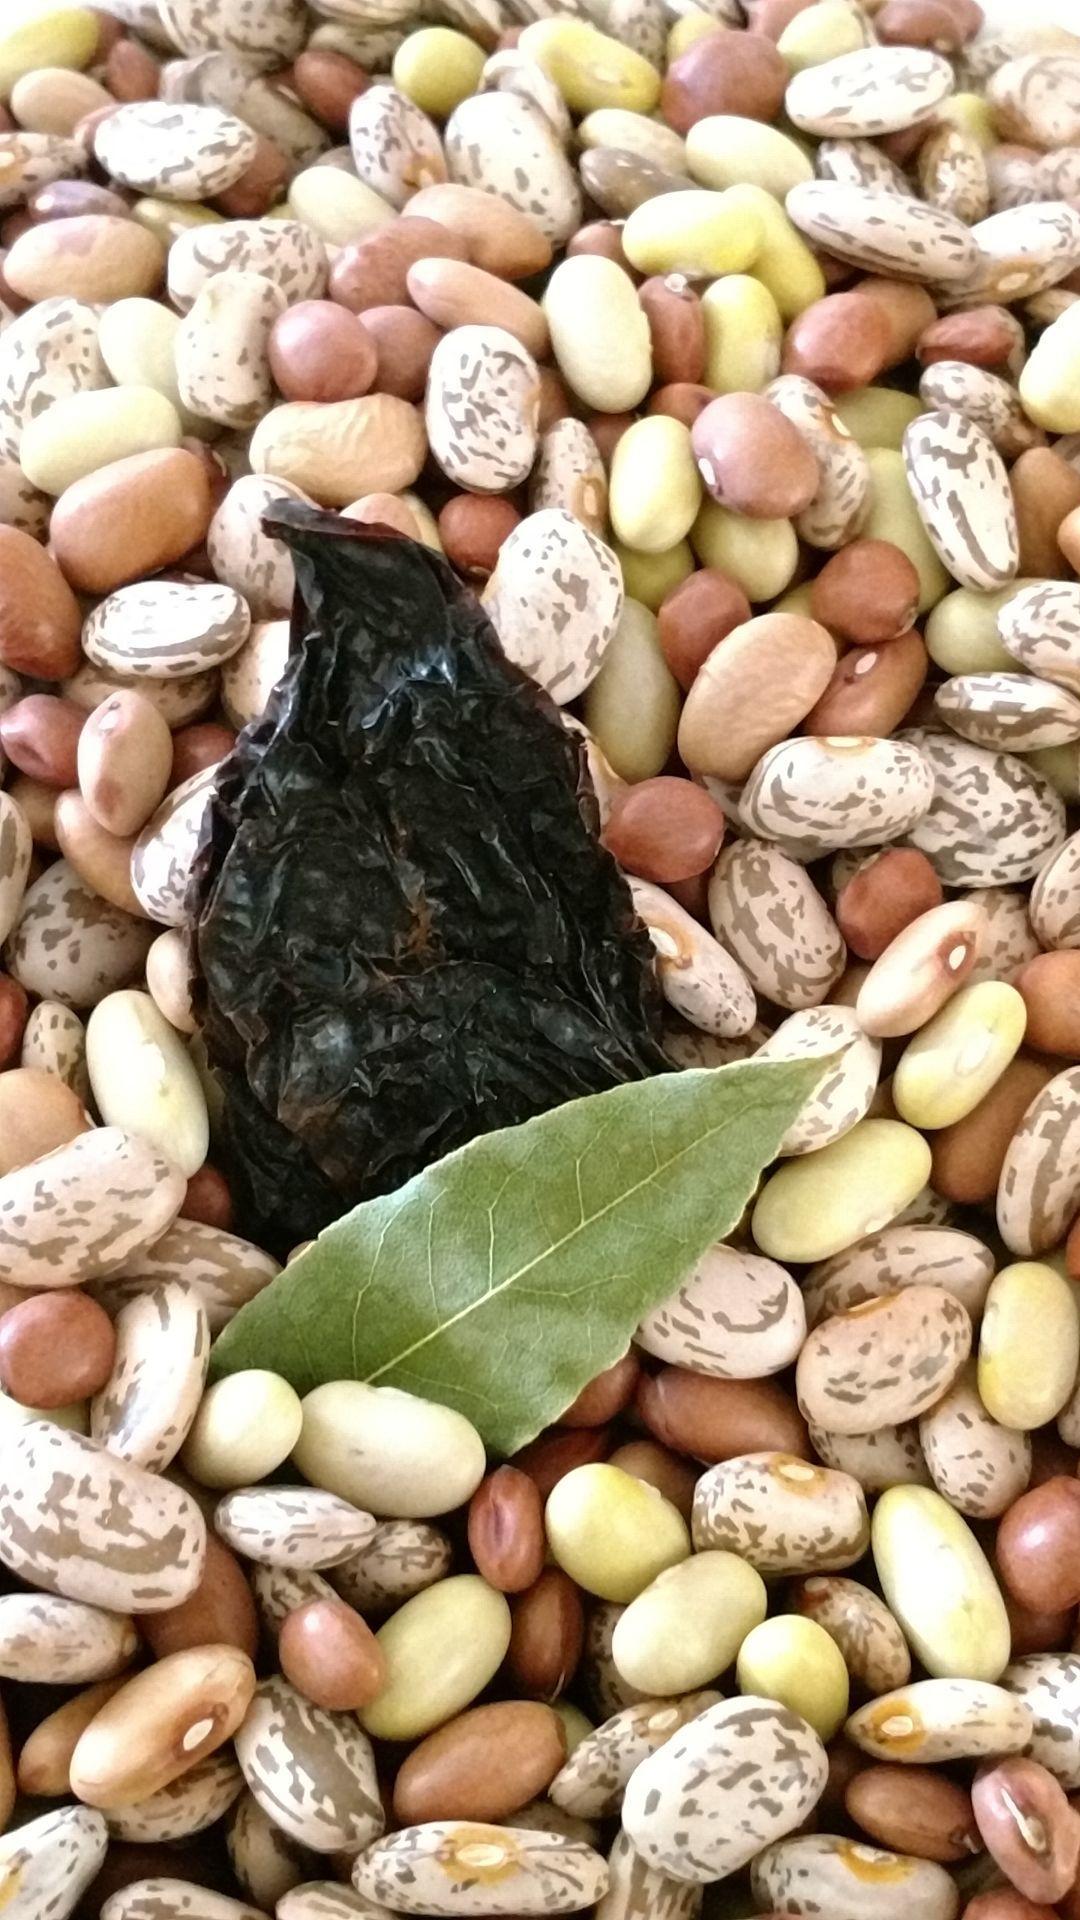 Ancient heirloom beans taste of Arizona's land, heritage